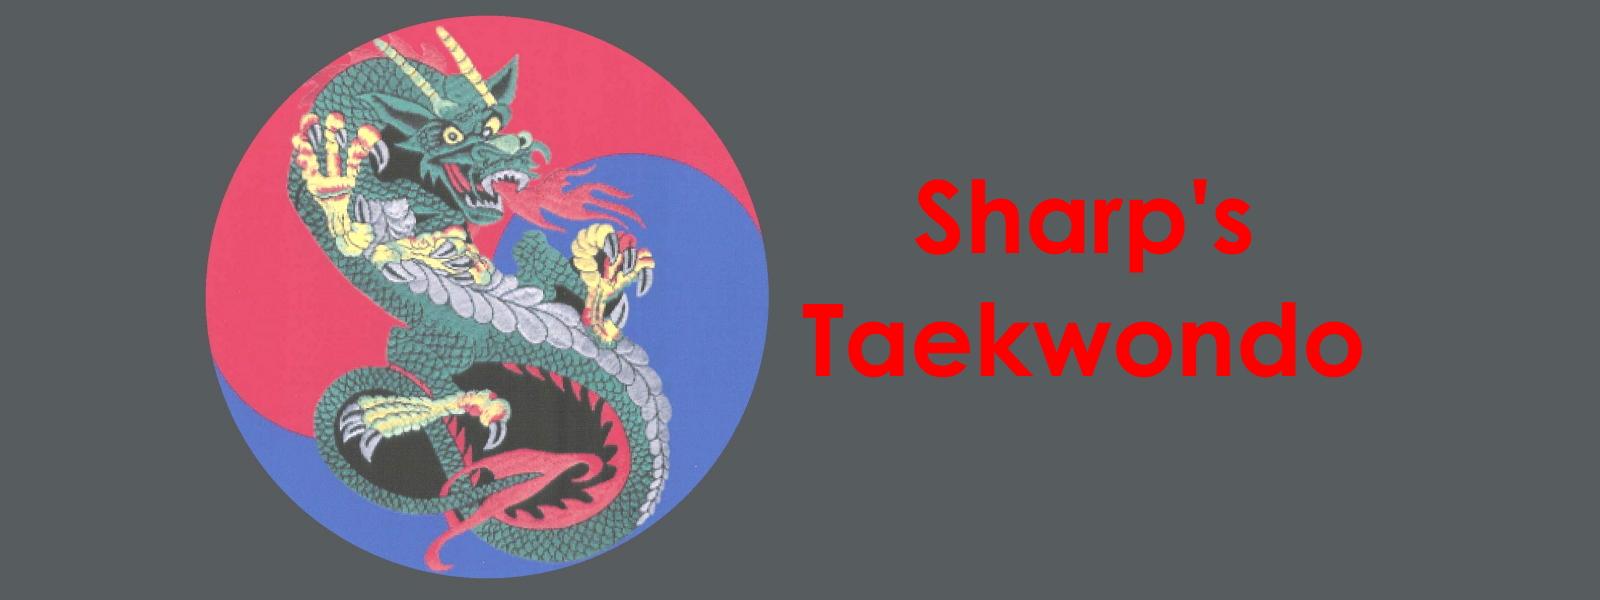 Sharp's TaeKwonDo